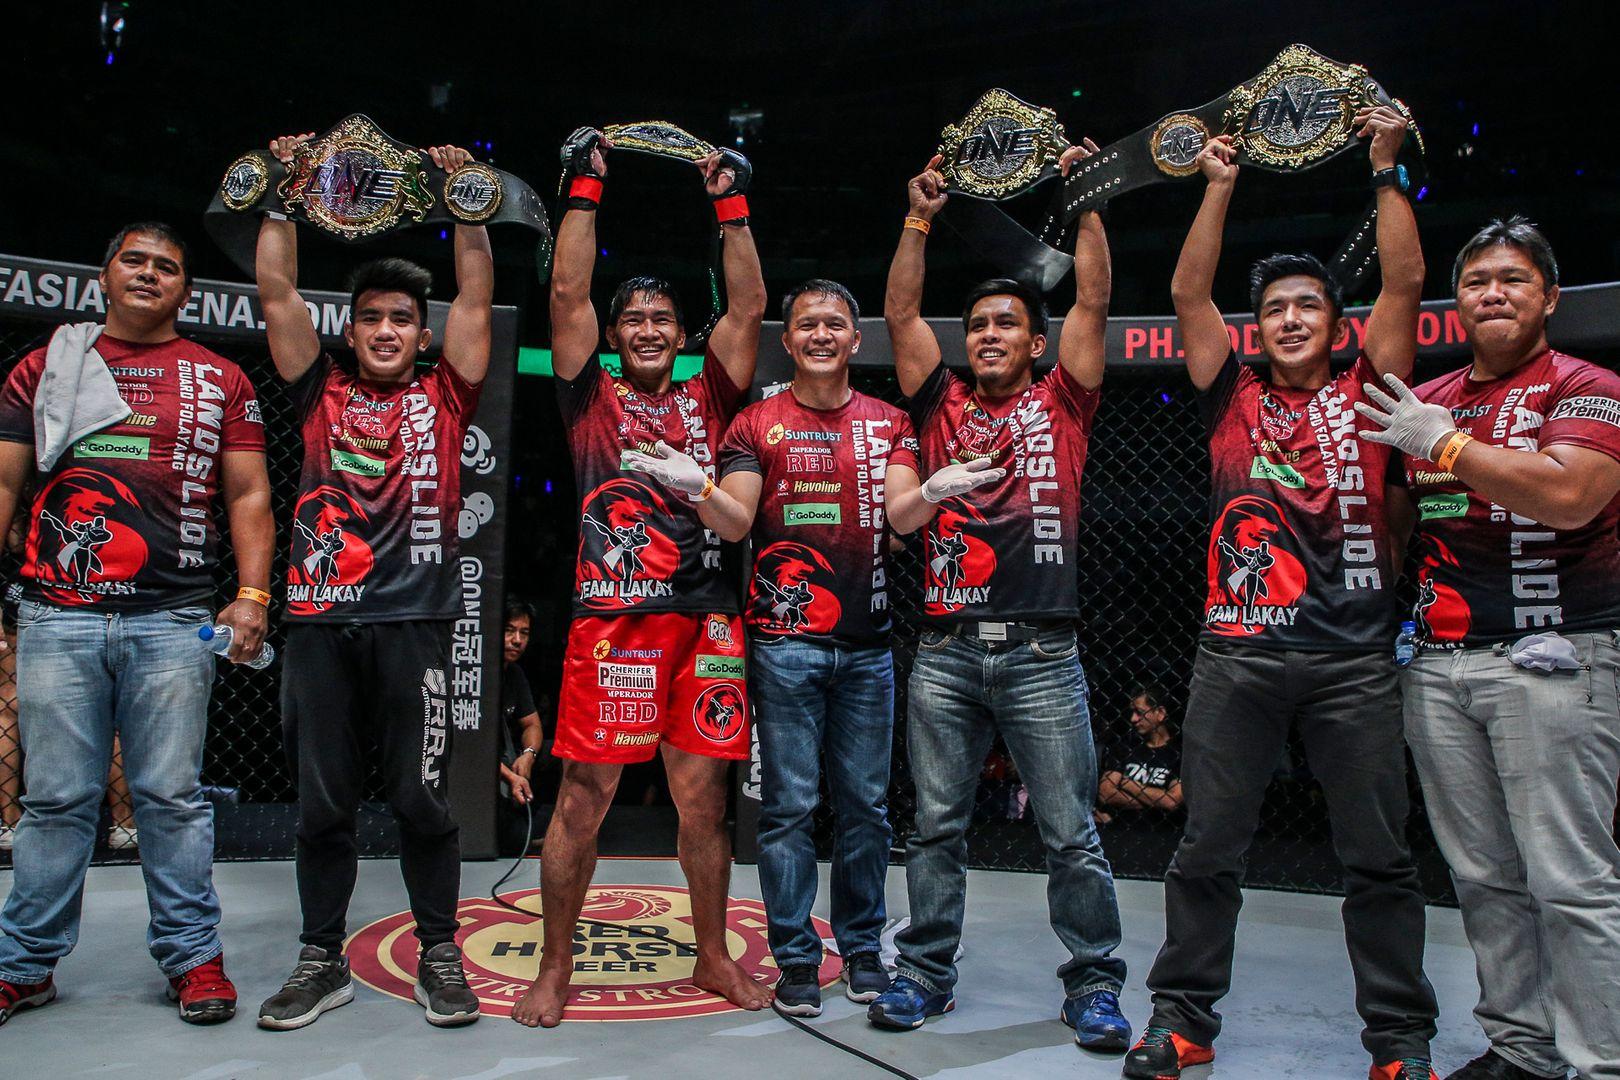 サンジャオとチームラカイの4人の世界チャンピオンたち